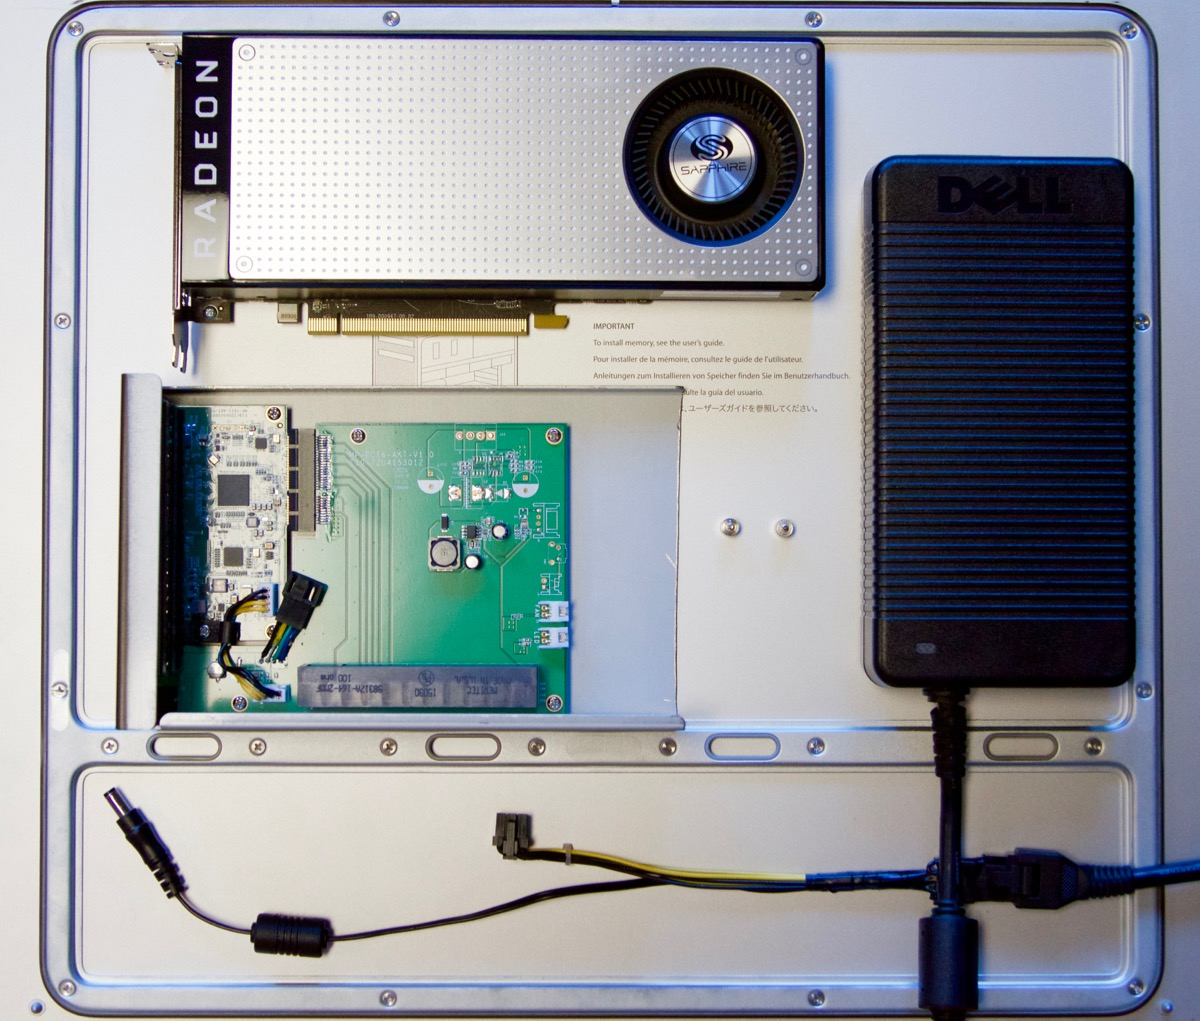 egpu-components-akitio-thunder2-dell-da-2-rx-470.jpg